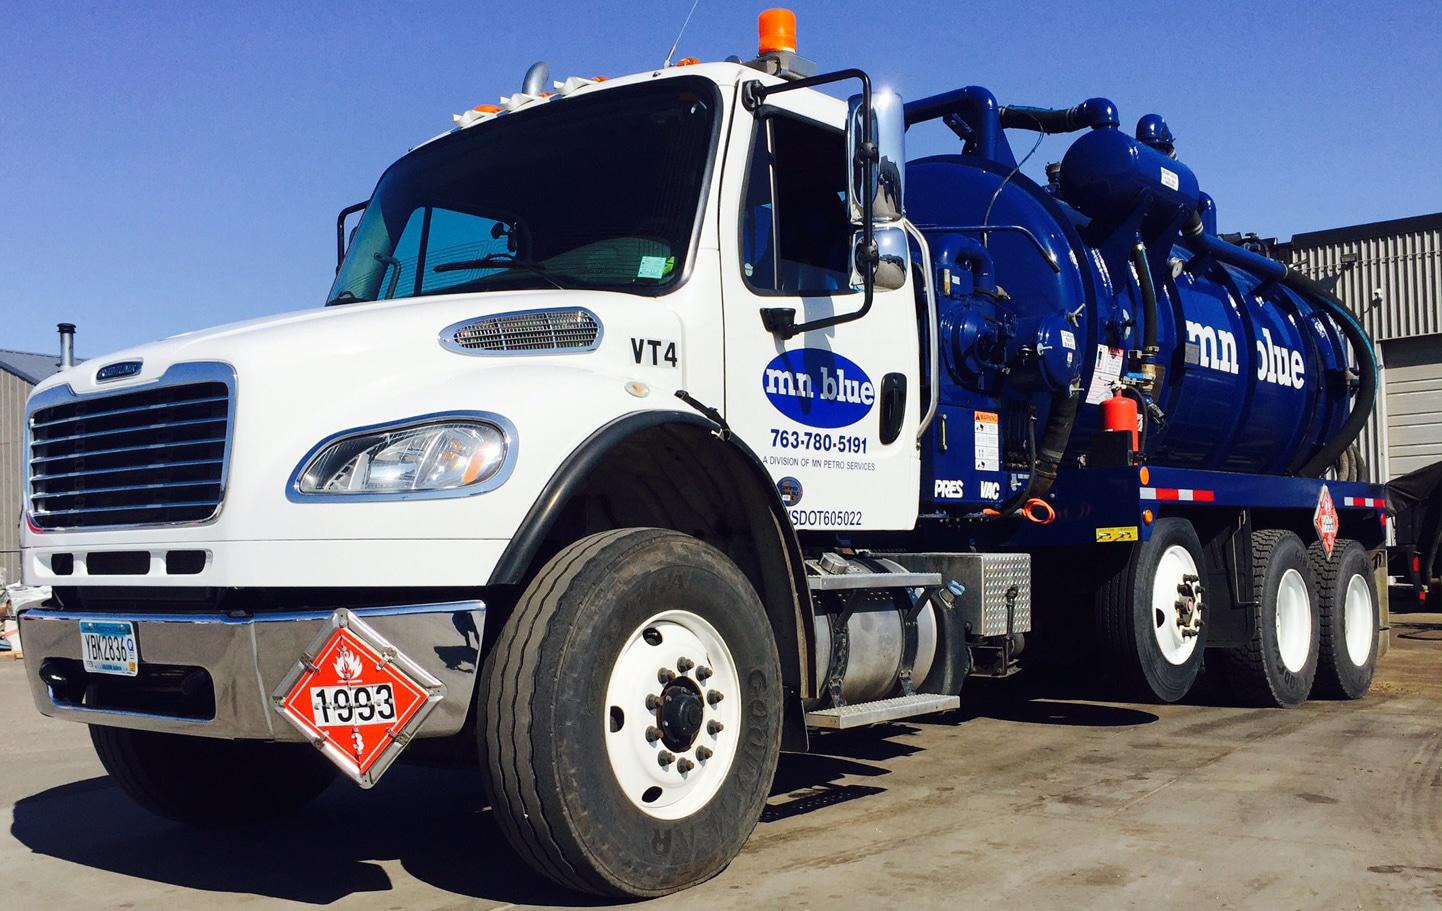 MN Blue Vac Truck